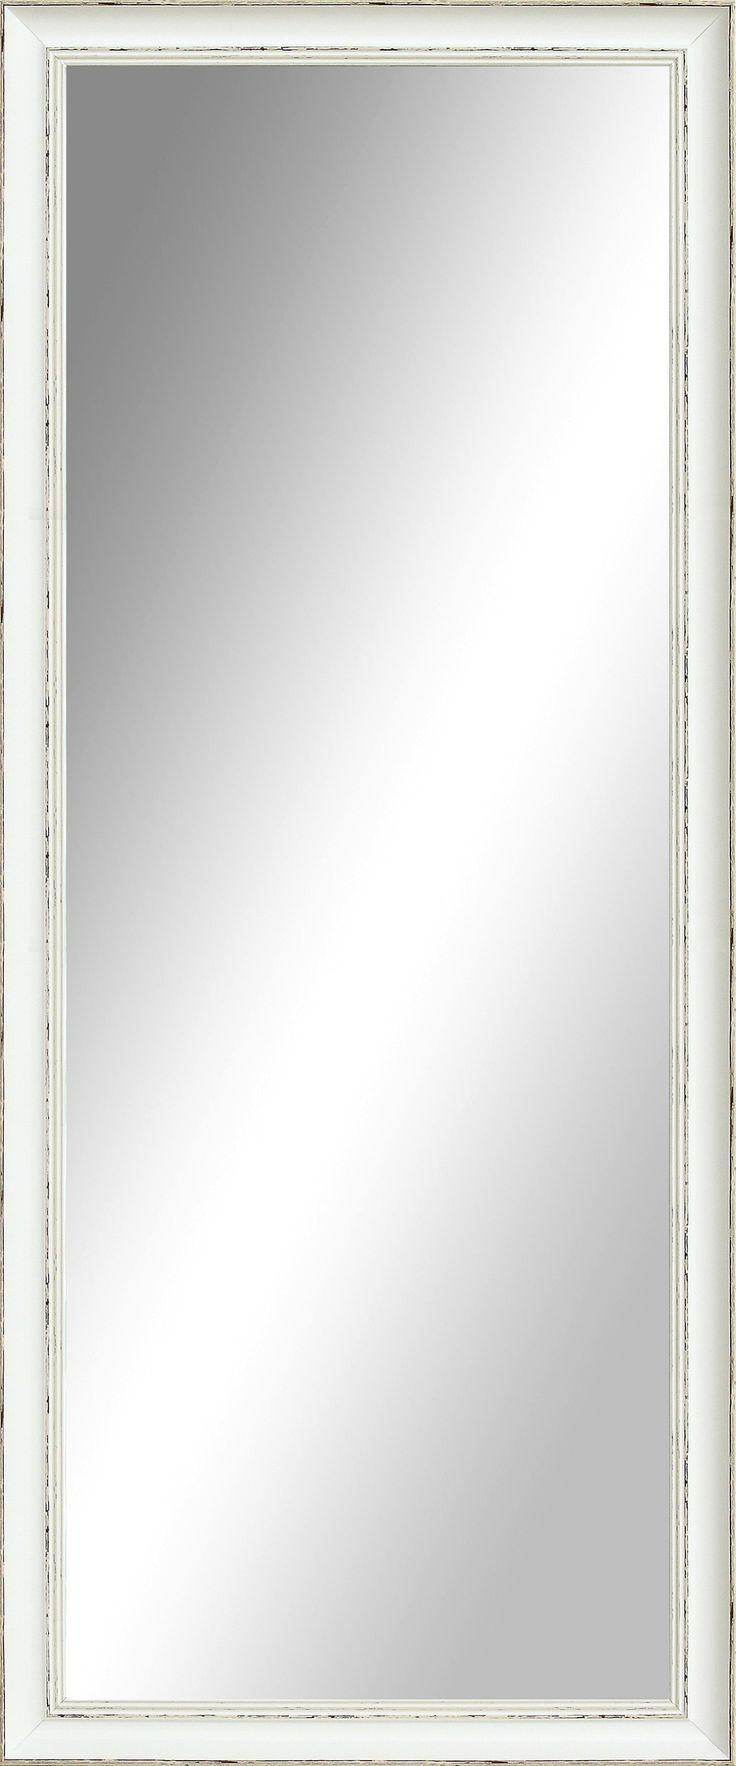 Spegel med ram.